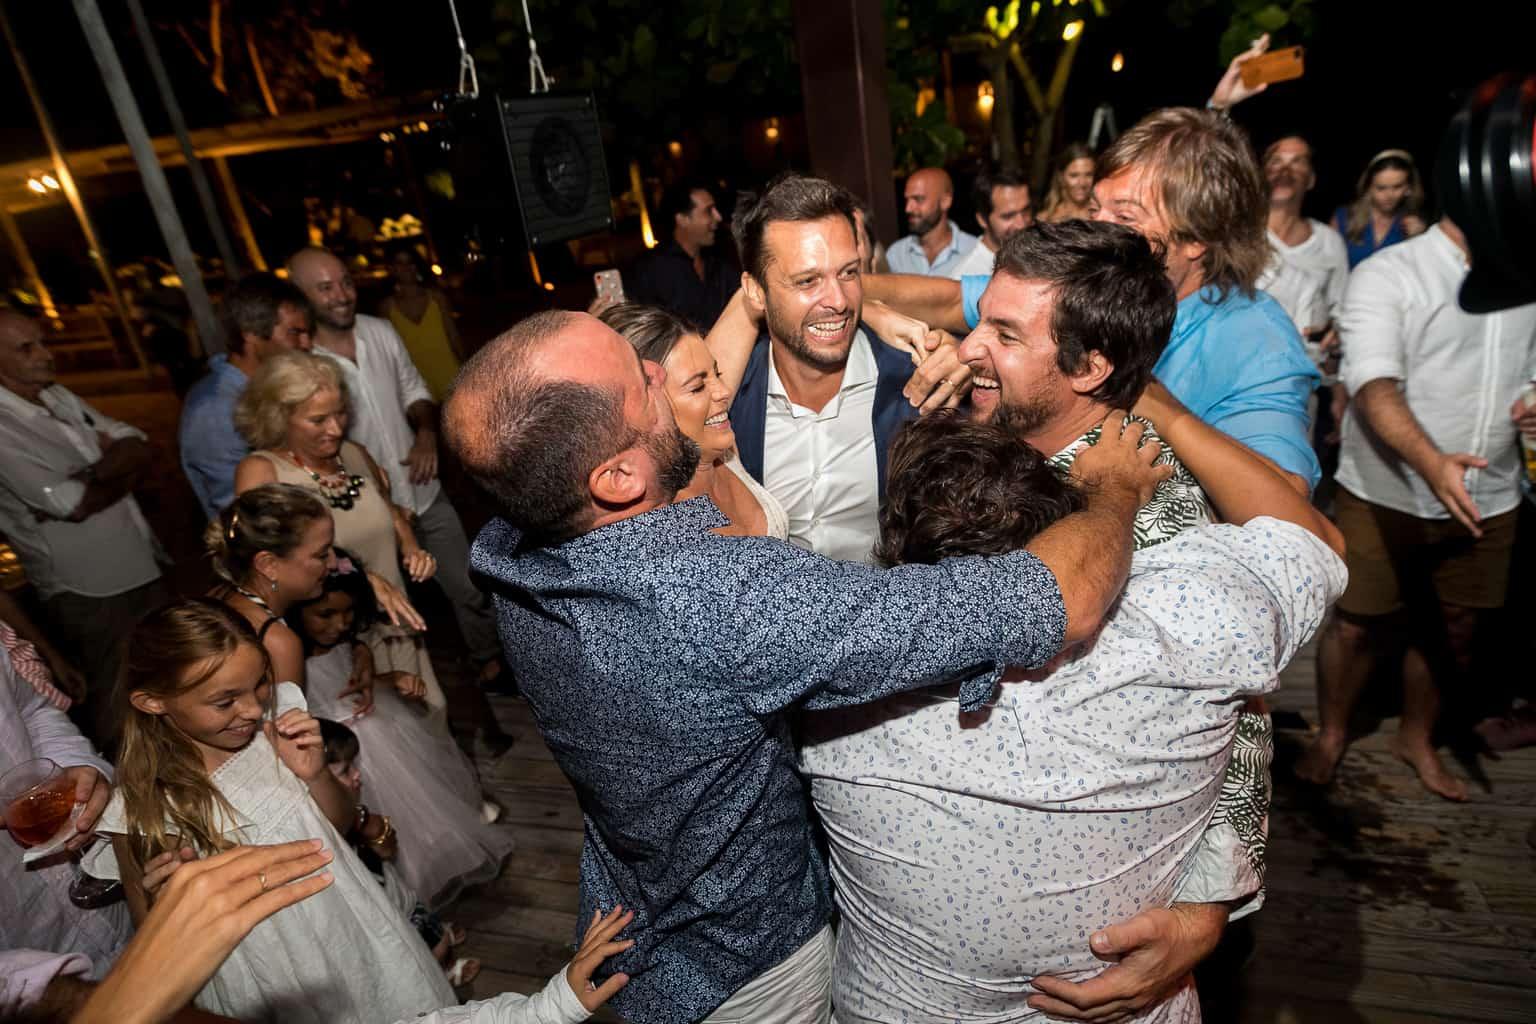 Casamento-Victoria-e-Christian-Fotografia-Tiago-Saldanha-Festa735_MG_3112